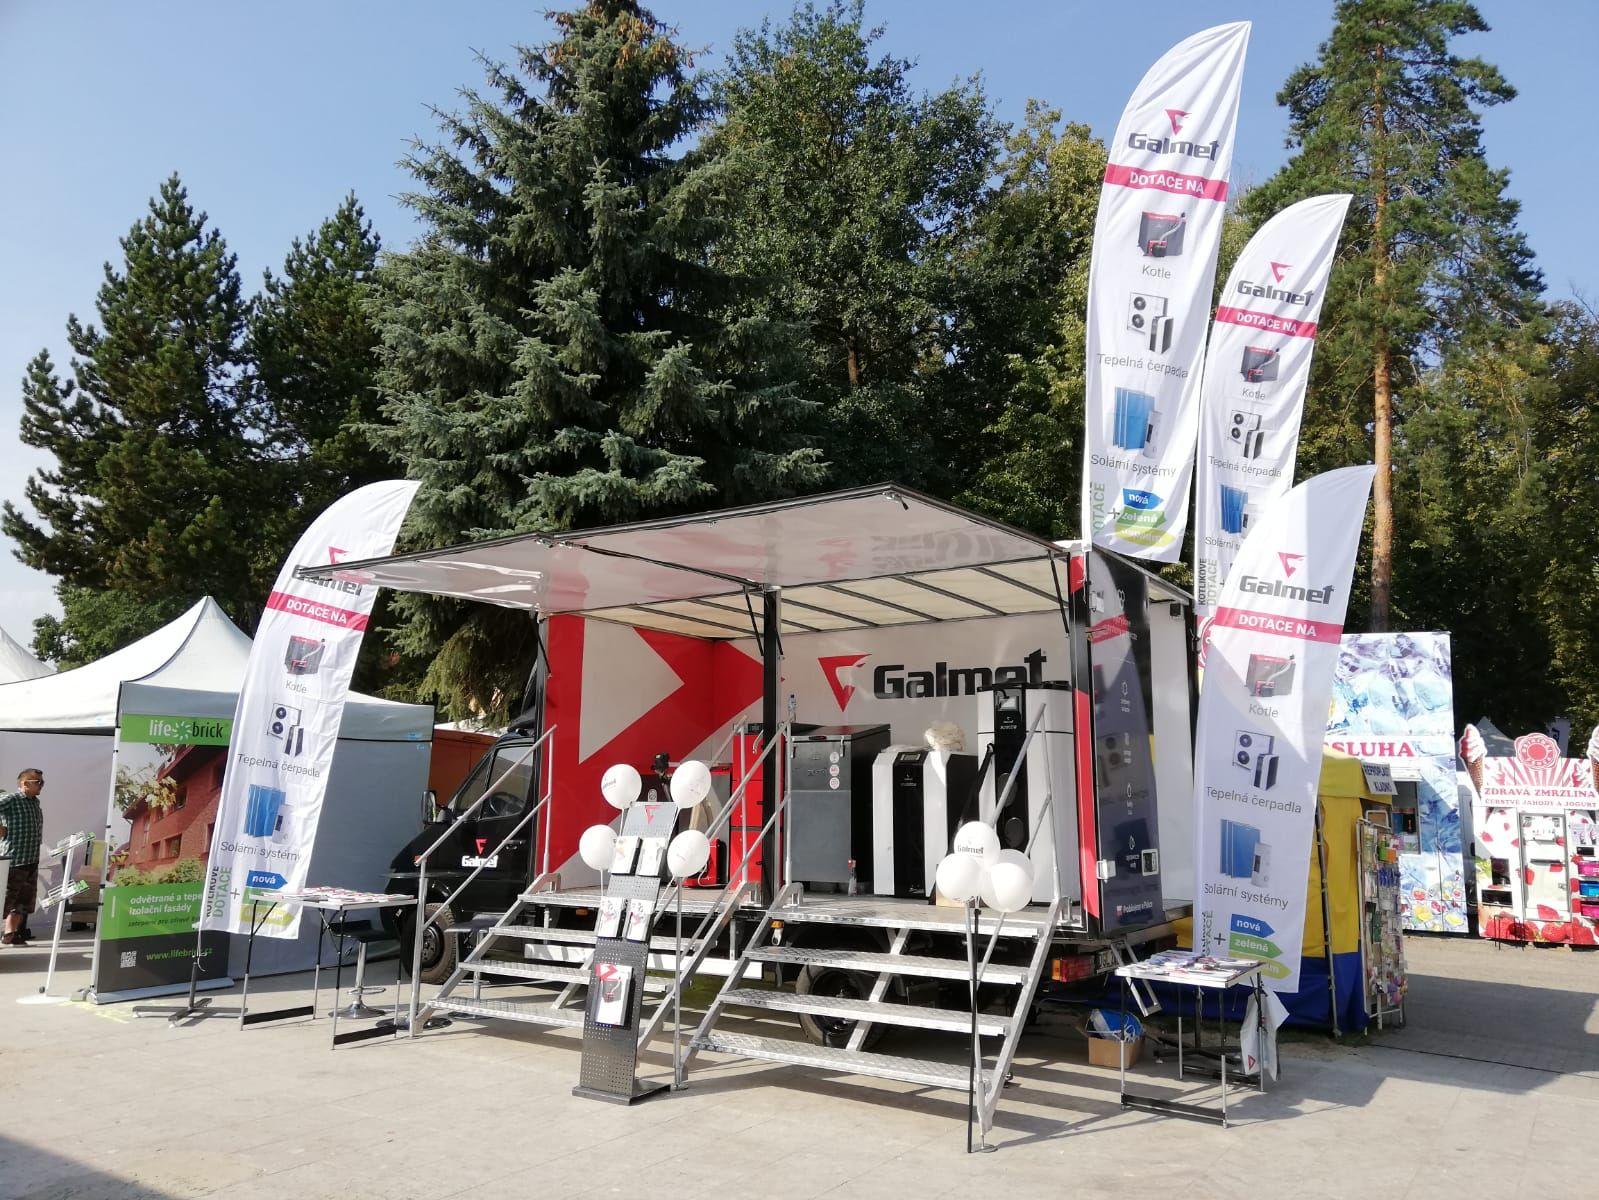 Твердотопливные котлы и тепловые насосы Galmet на выставке в Чехии